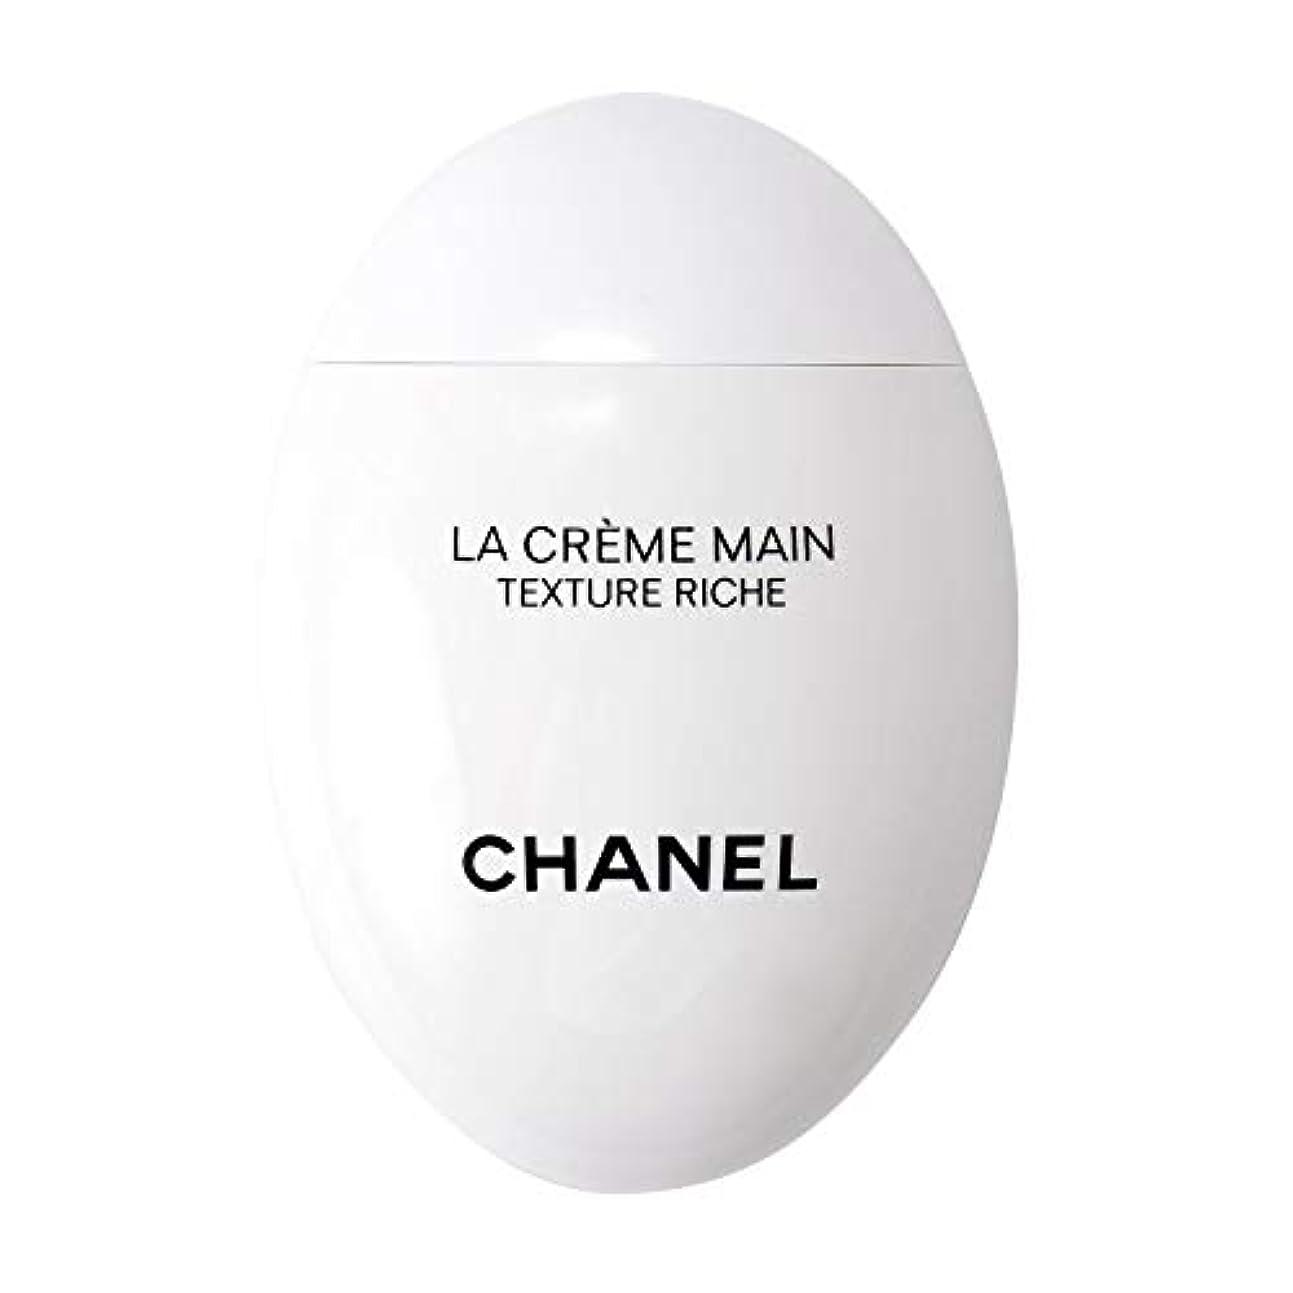 ブレスキッチントレード[ギフトラッピング] シャネル CHANEL ハンドクリーム 50ml ラ クレーム マン ショップバッグ付き (50ml)